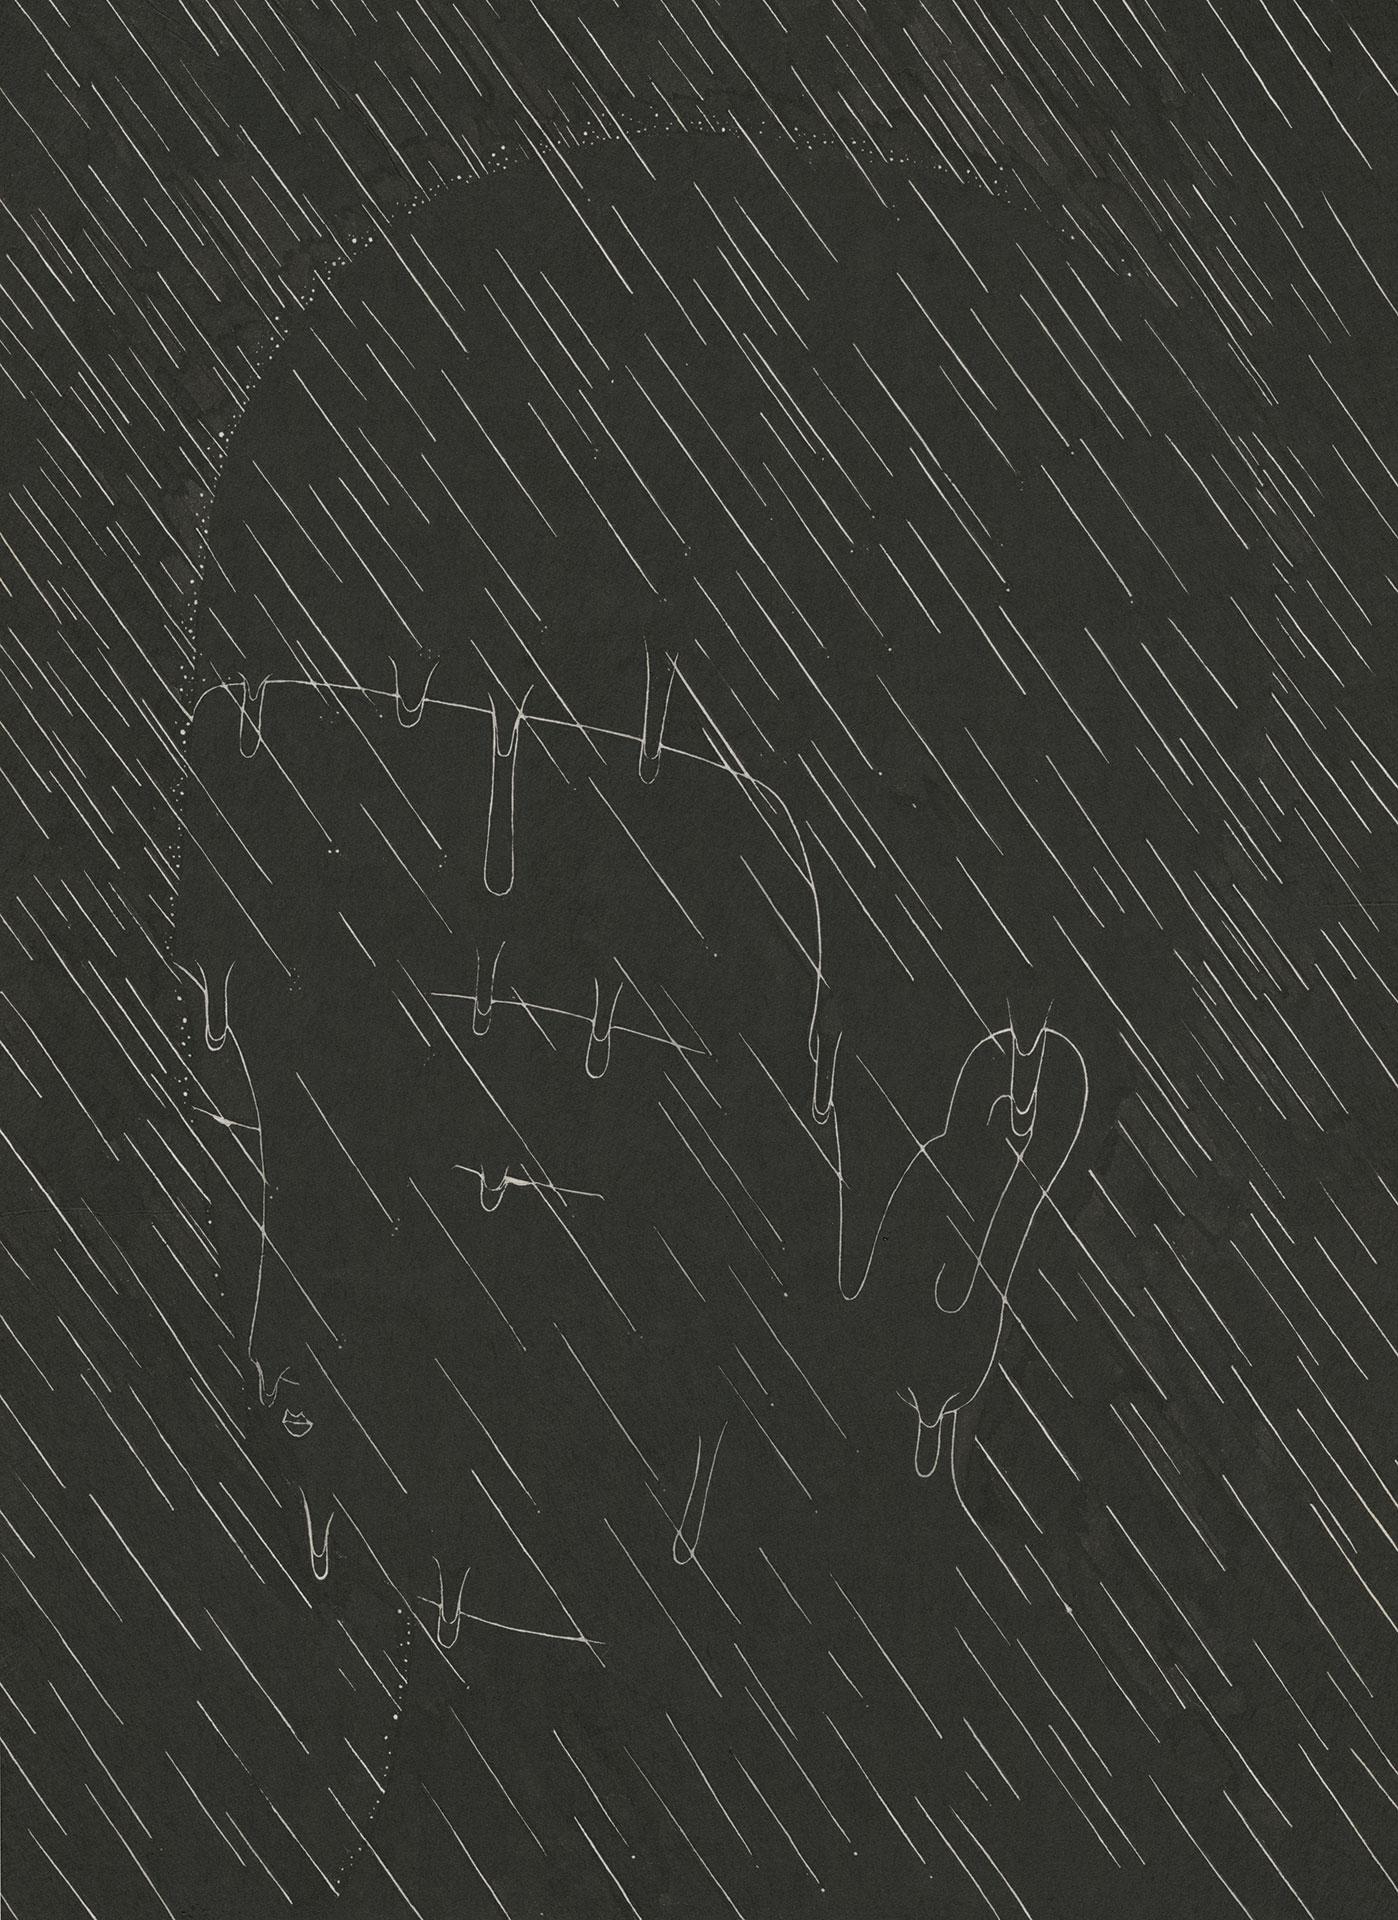 짓고 허무는 경계 II  /  Ephemeral silhouette II   Op.0164P -33.5 x 46 cm,한지에 먹 / Korean ink on Korean paper, 2017